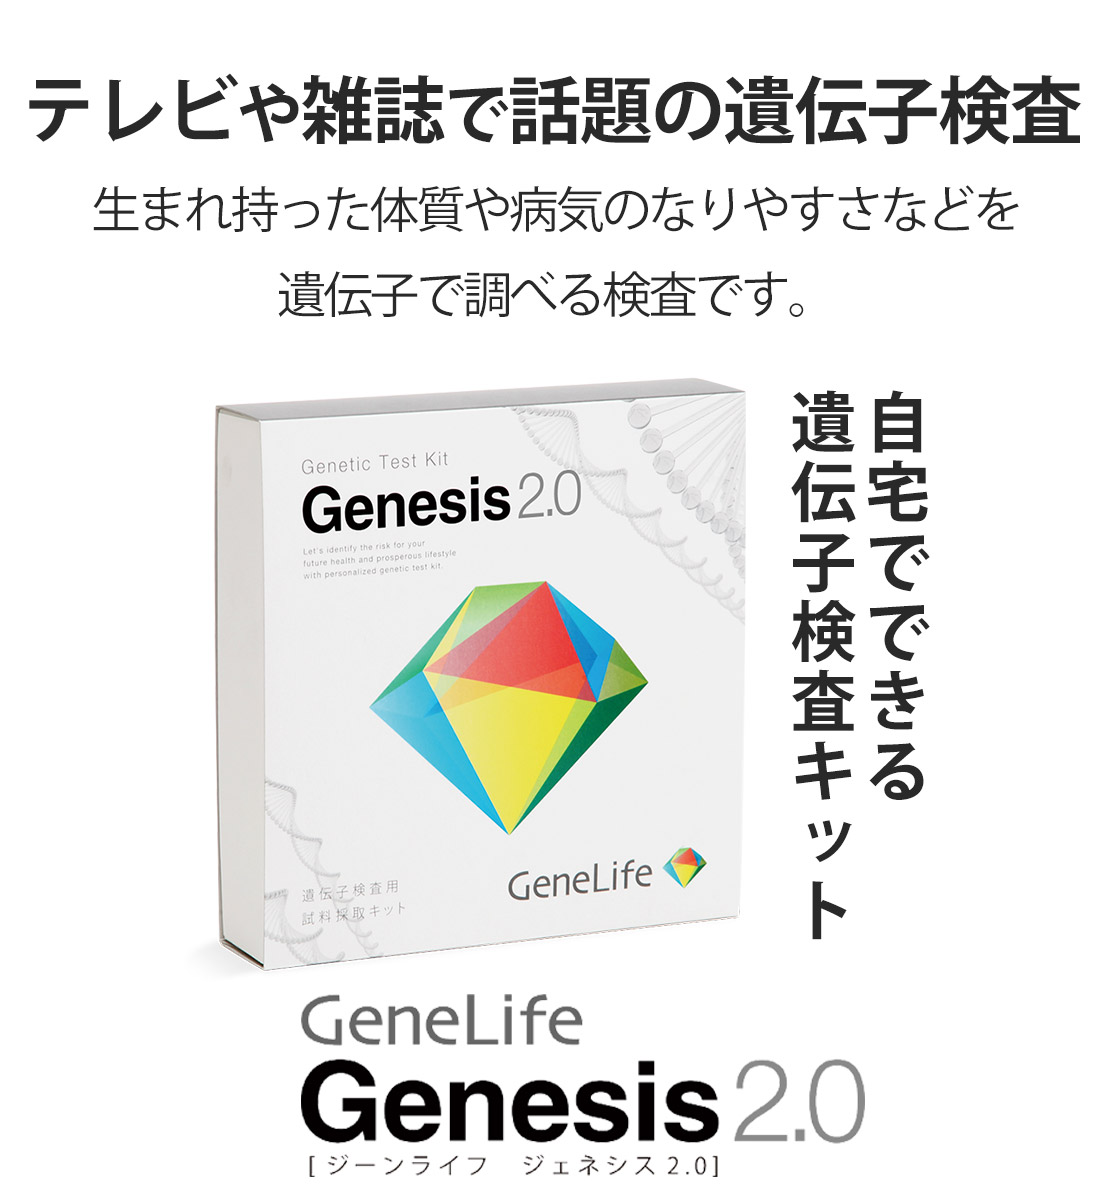 楽天スーパーDEALでGenesis2.0 遺伝子検査キットが21384円、ポイント50倍。